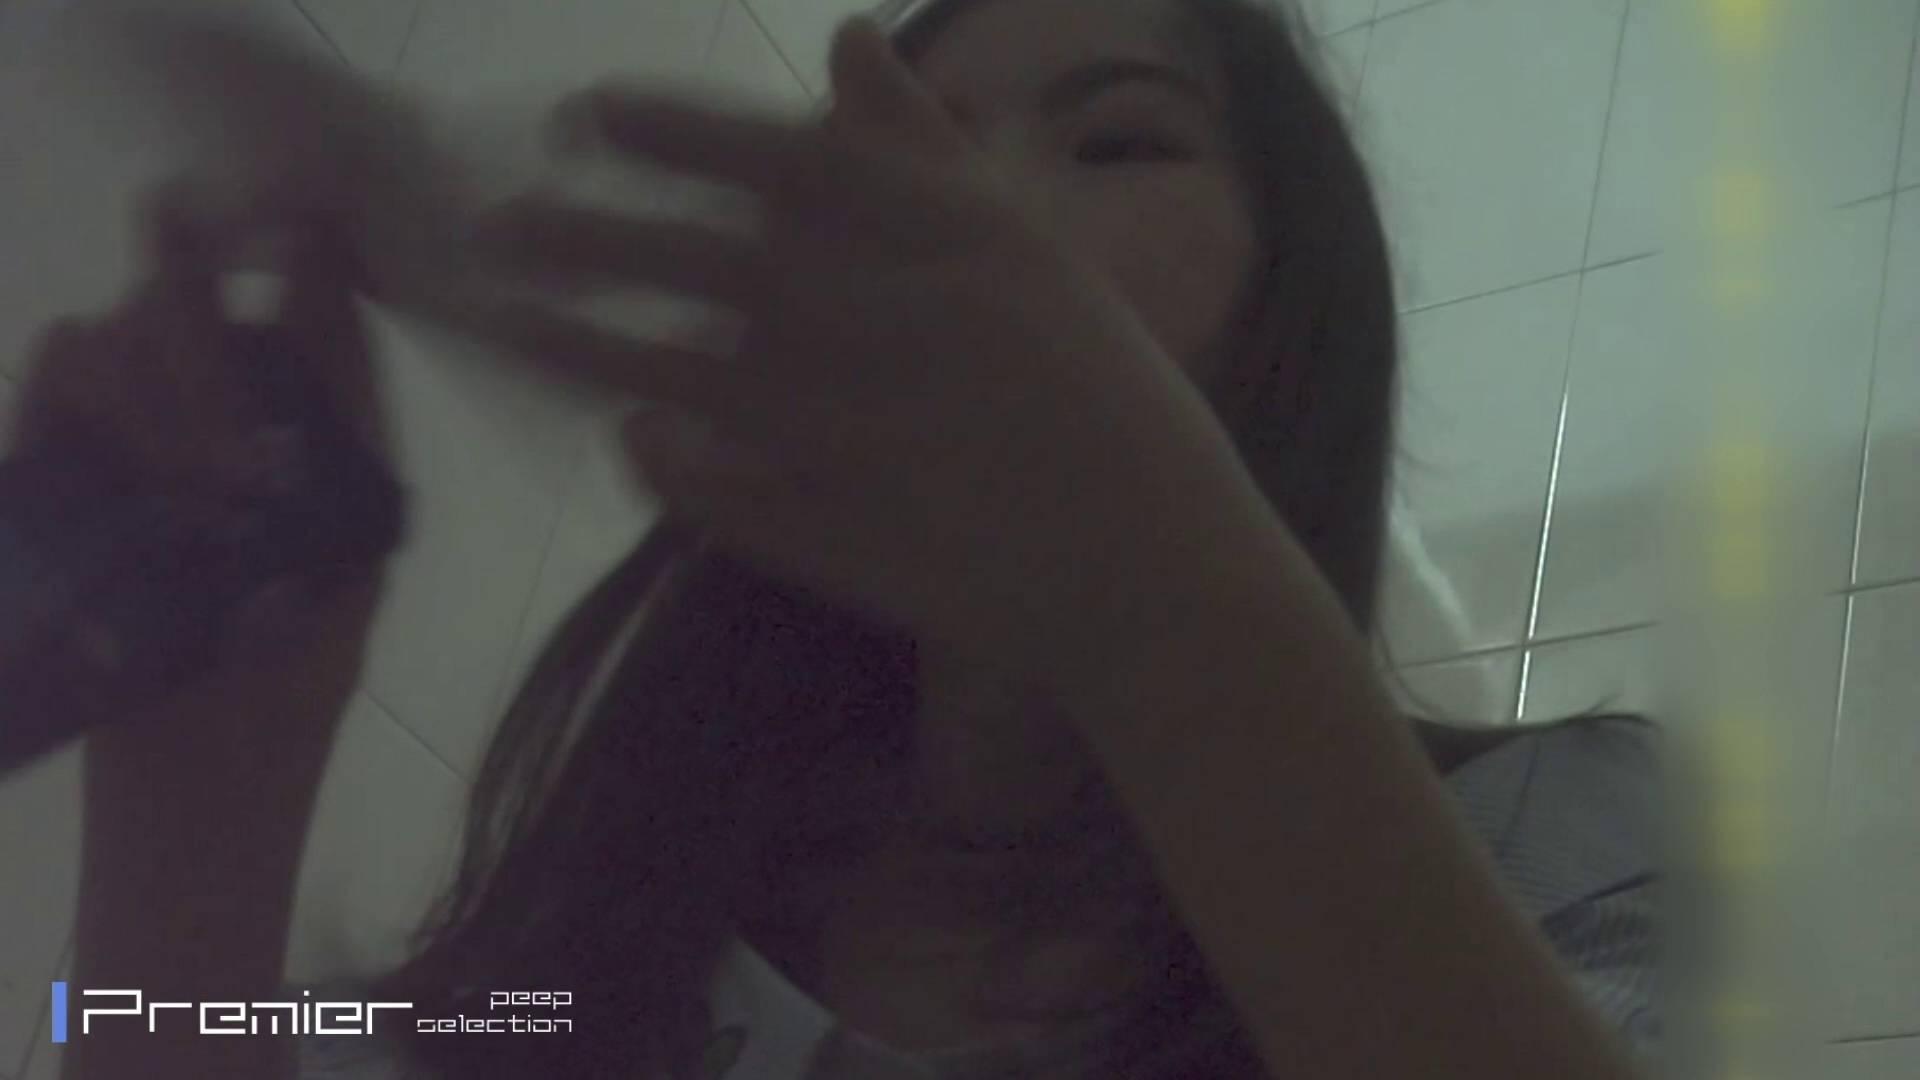 トイレシーンを密着盗撮!! 美女の痴態に密着!Vol.31 パンチラ オマンコ無修正動画無料 22連発 14